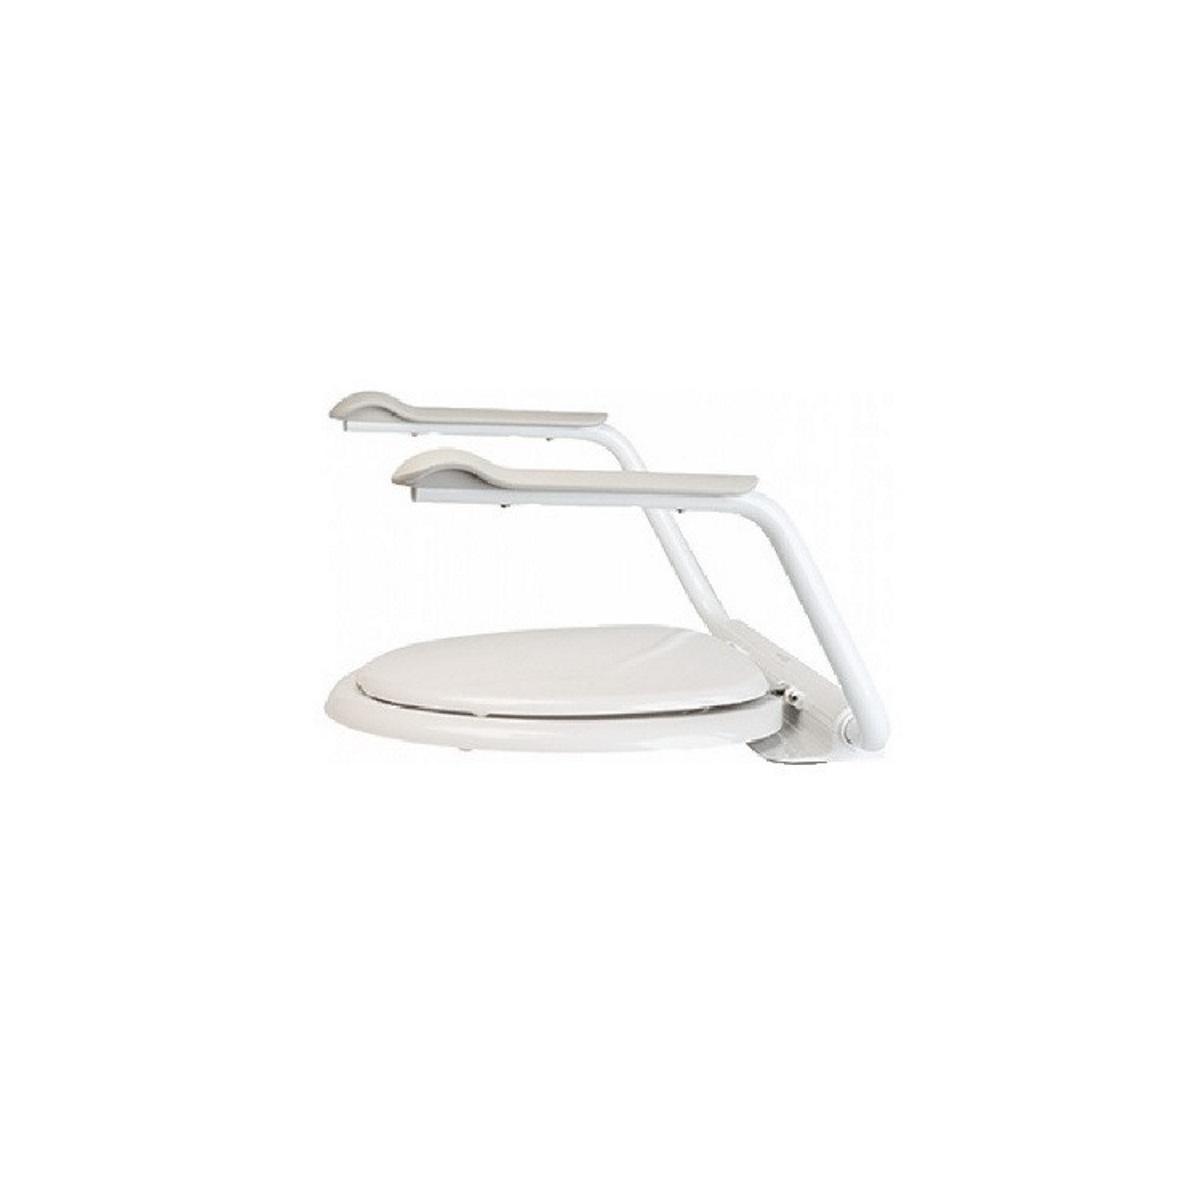 ETAC toiletsteun Supporter II, staal. m-epoxy coating, wit